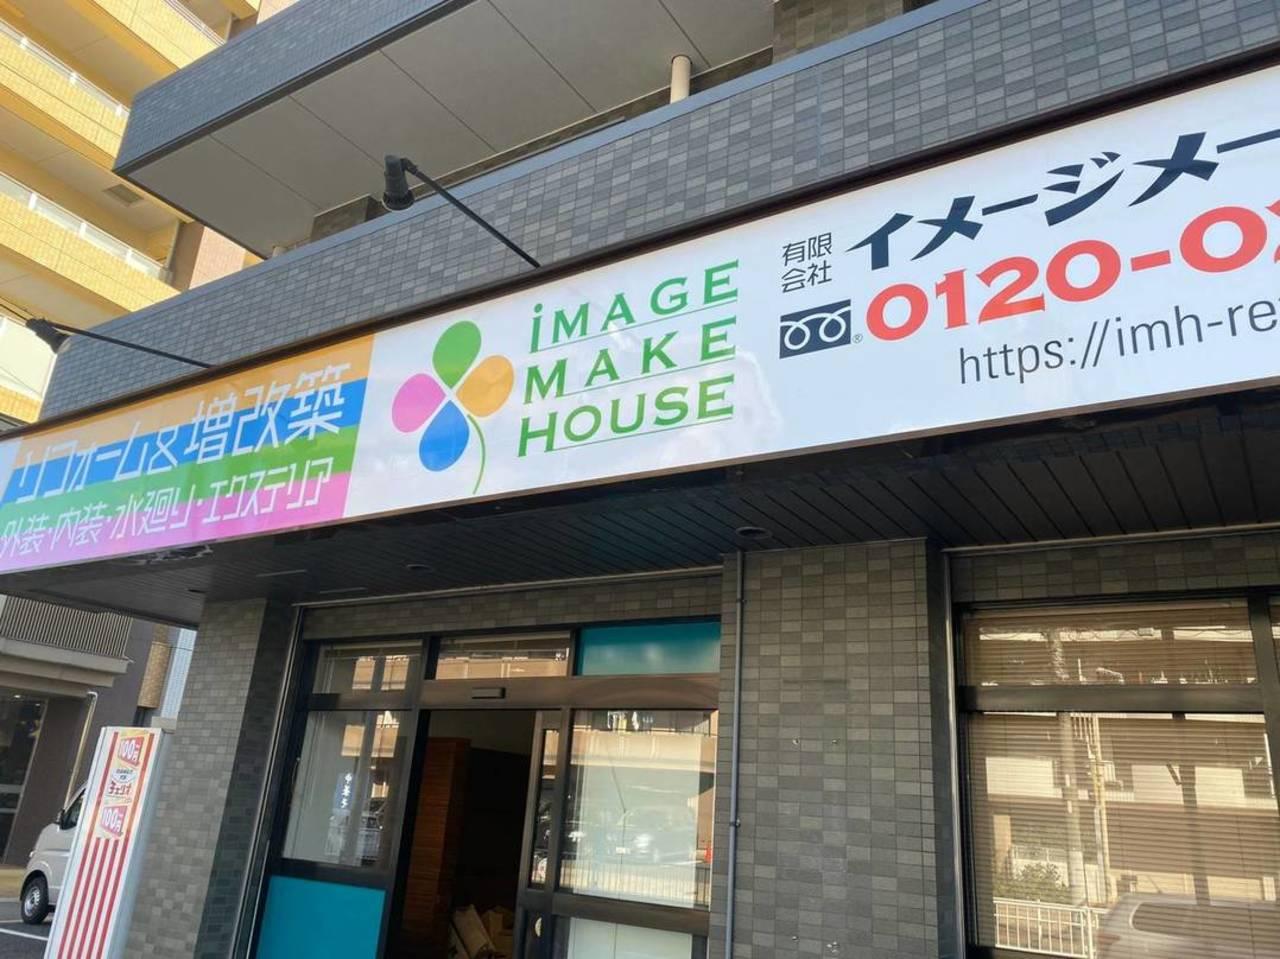 23113有限会社イメージメーク・ハウス 名古屋支店